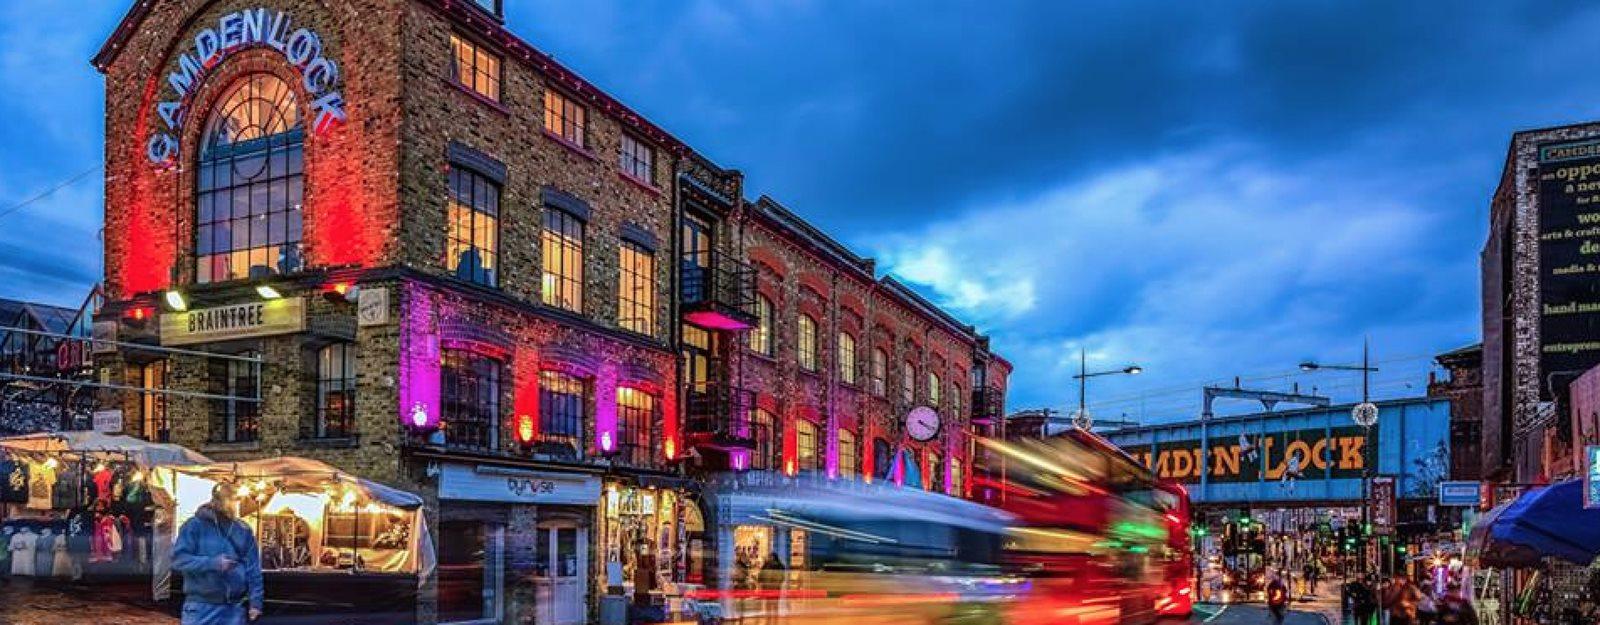 Camden-Market-3-Copy.jpg